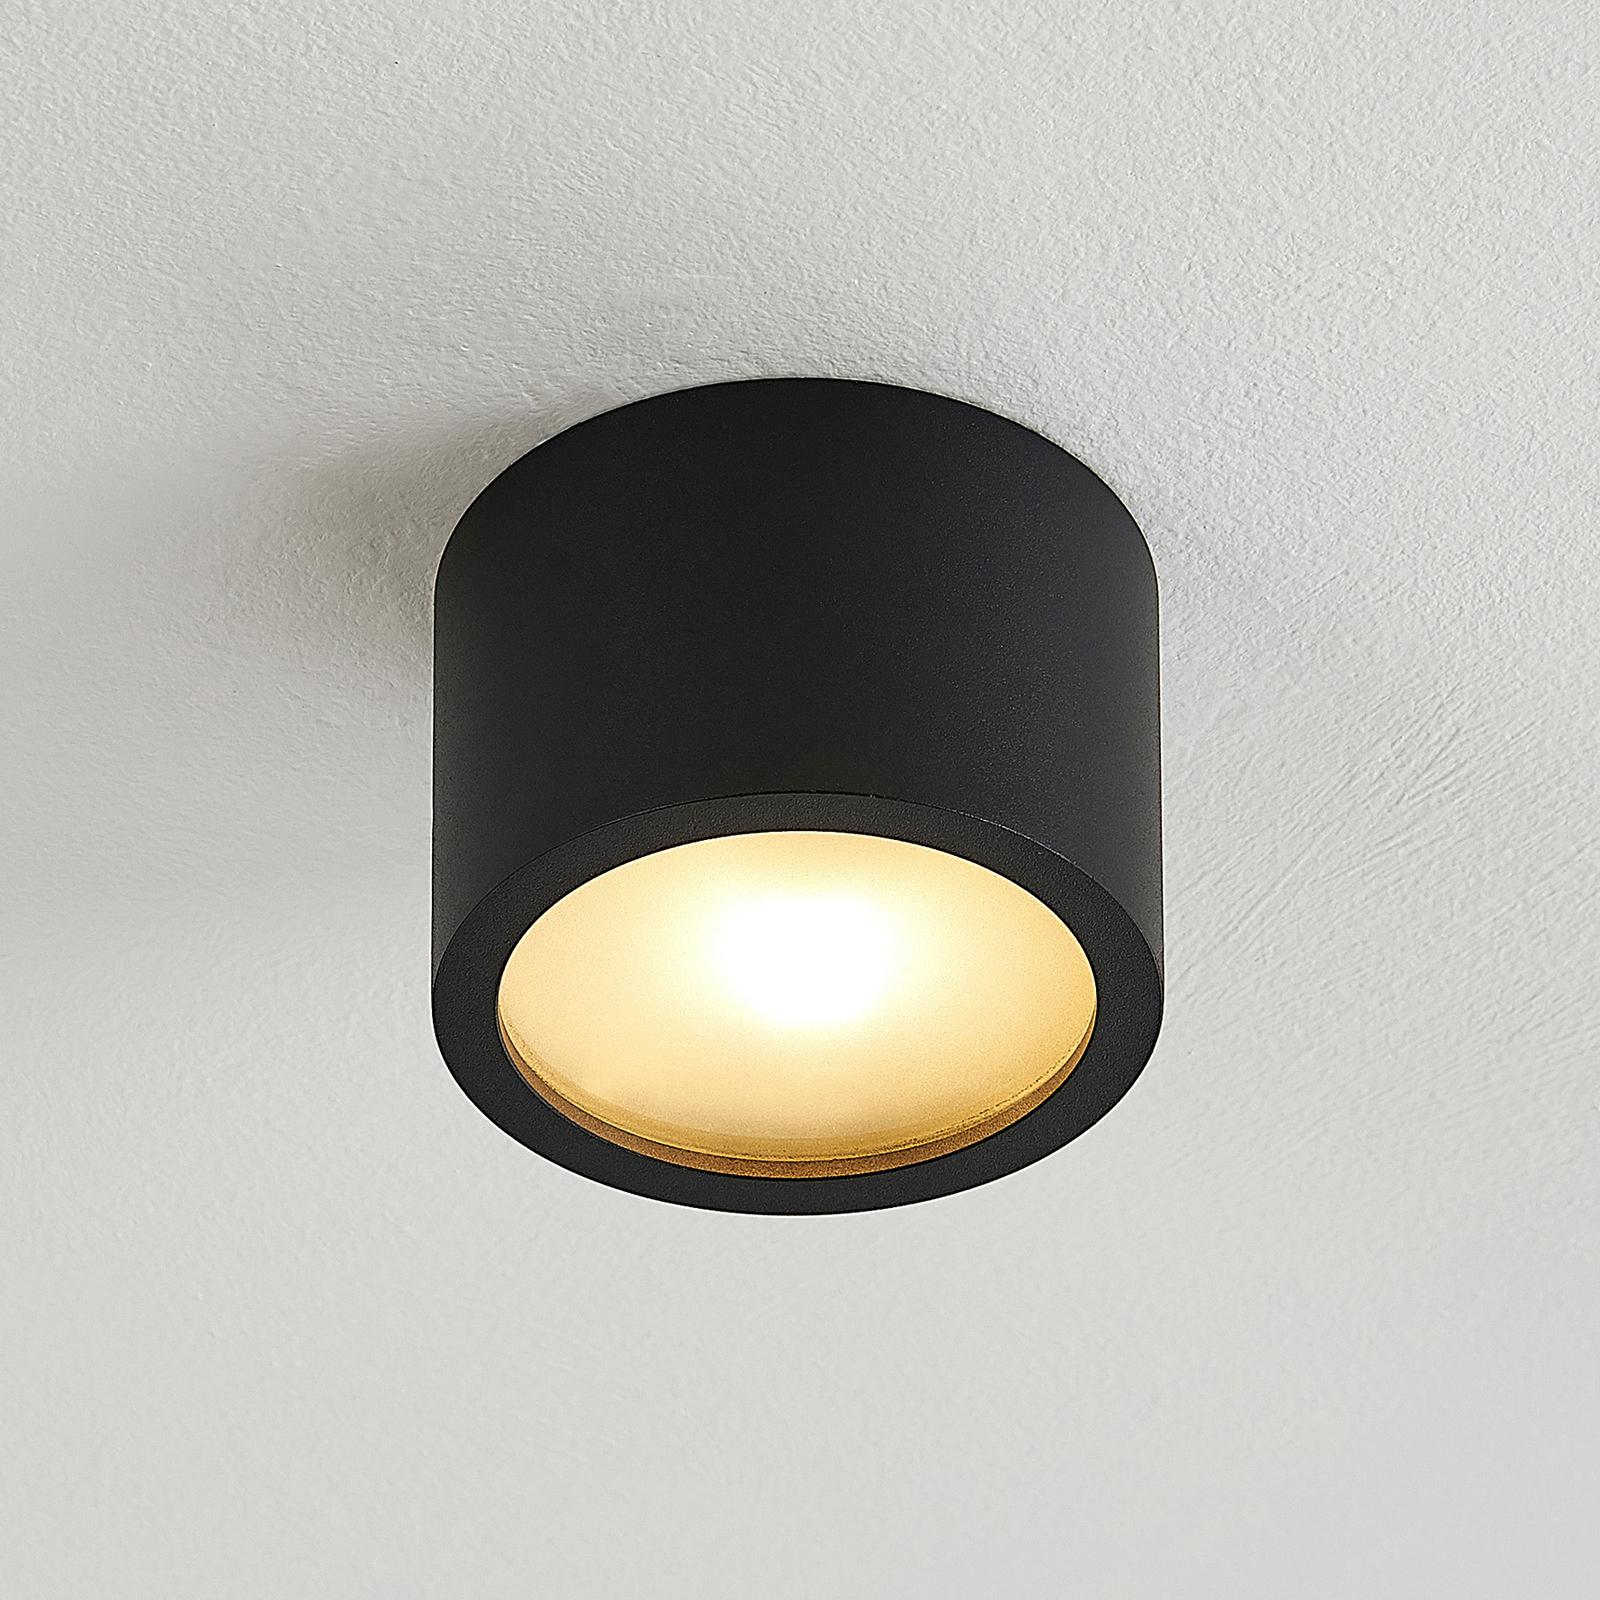 Arcchio Nieva Downlight, G9, rund, schwarz